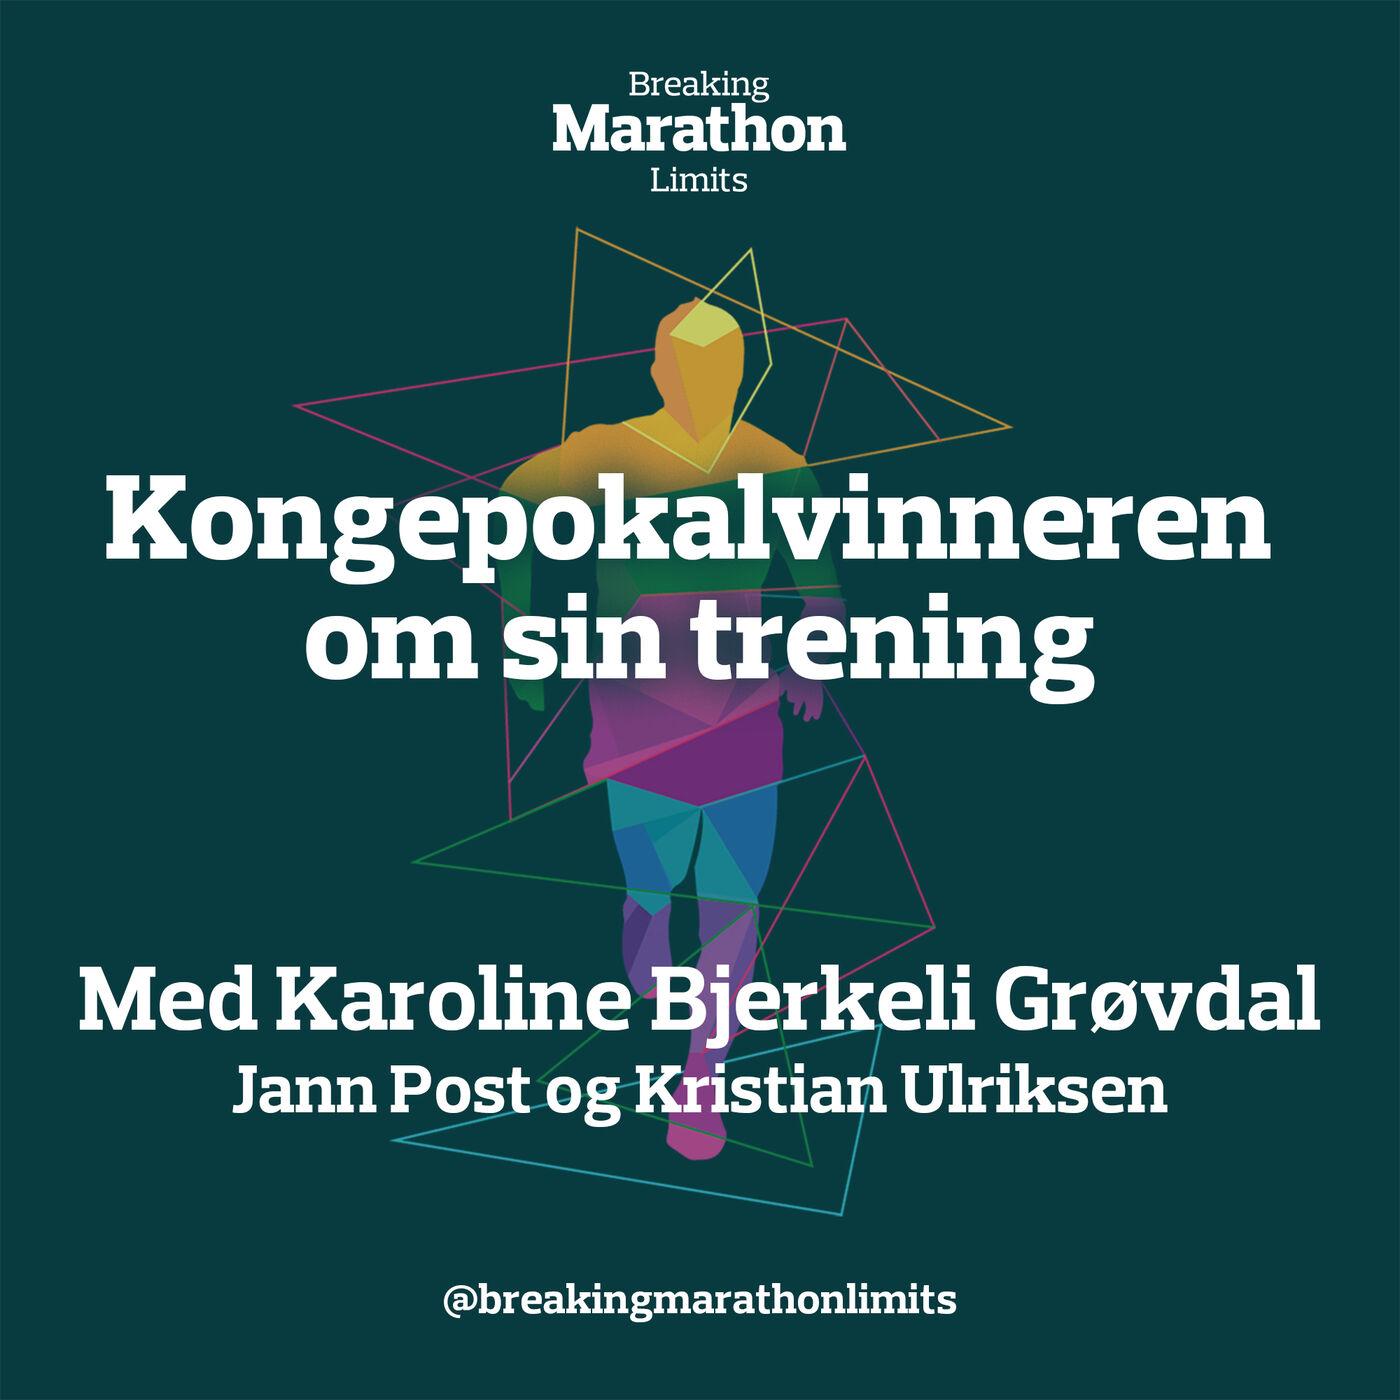 Kongepokalvinneren om sin trening |Karoline Bjerkeli Grøvdal